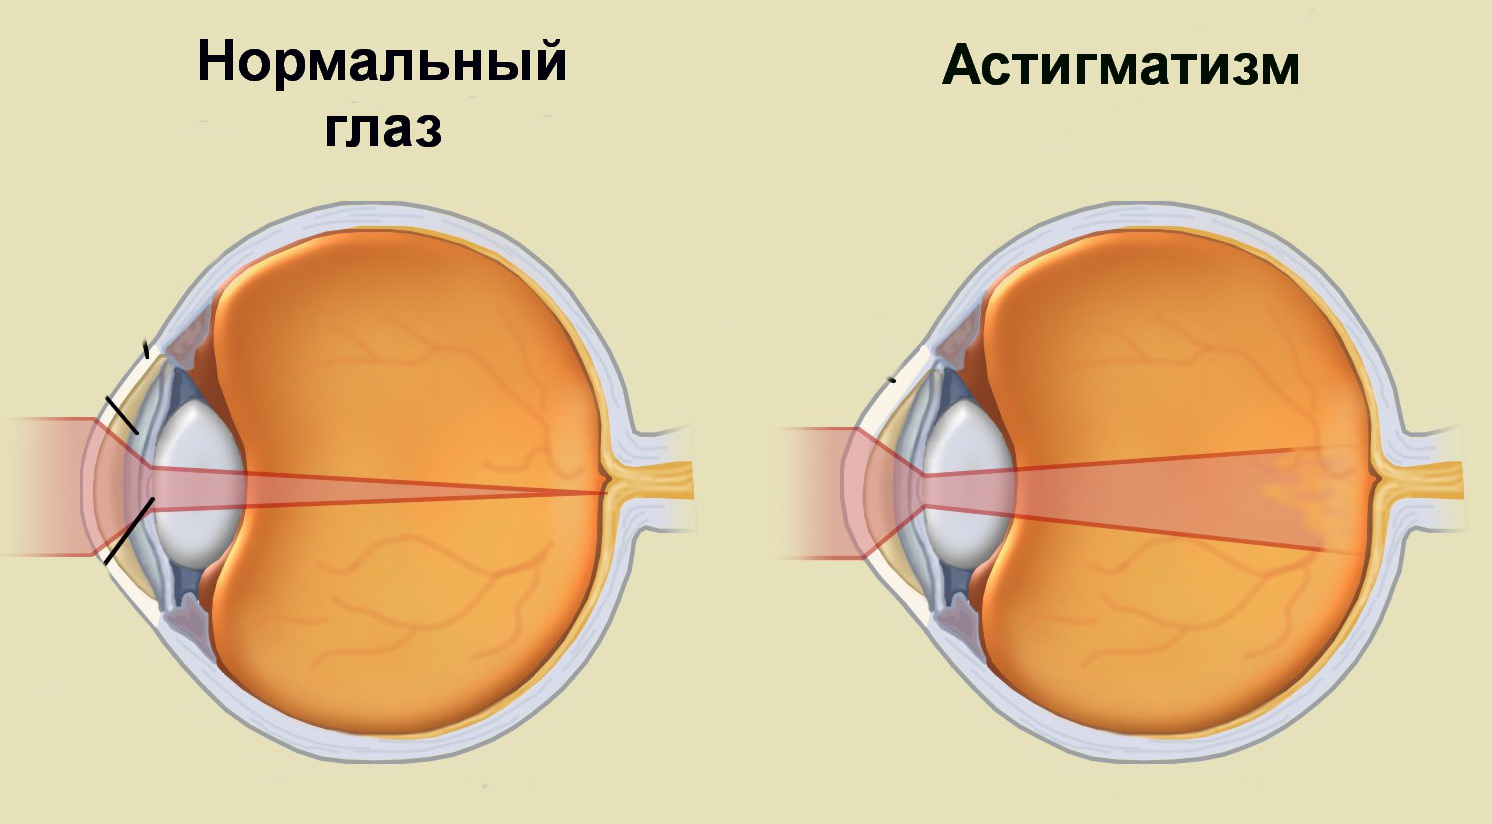 Набор для измерения внутриглазного давления грузики